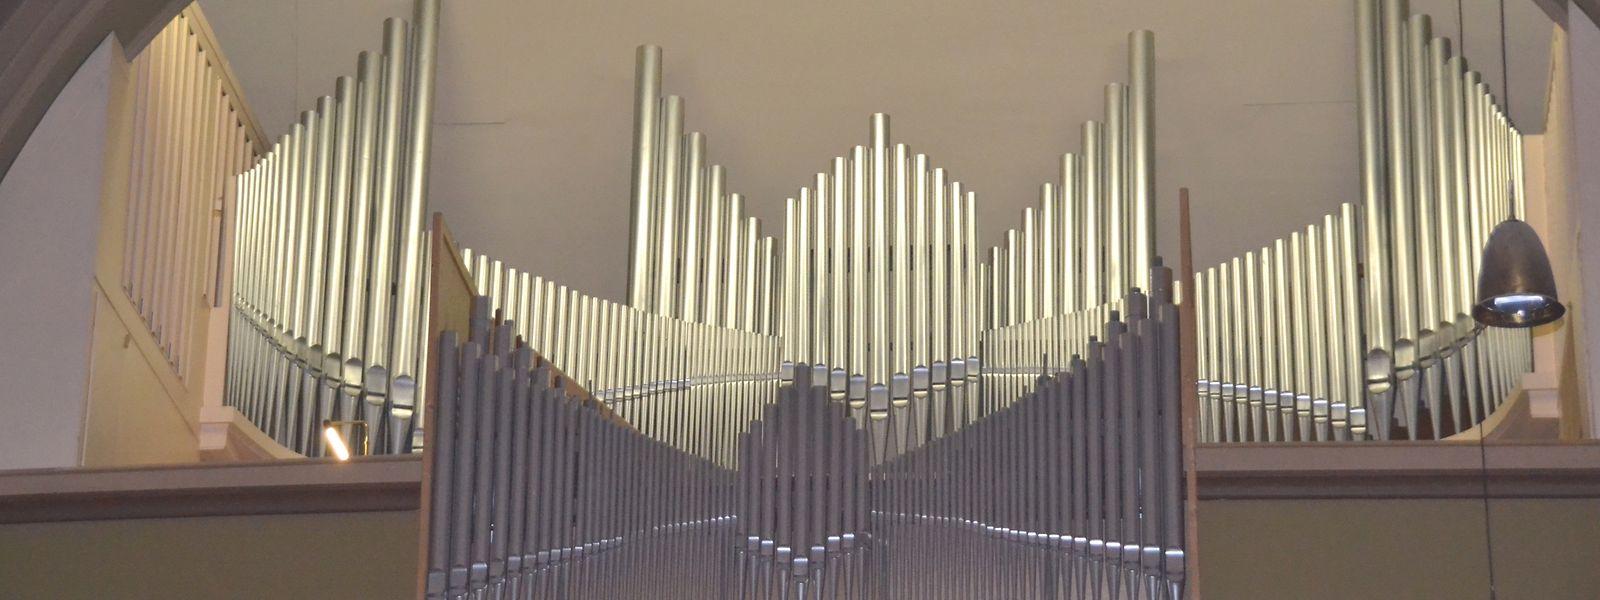 Die große Orgel erhält im kommenden Jahr eine Verjüngungskur.